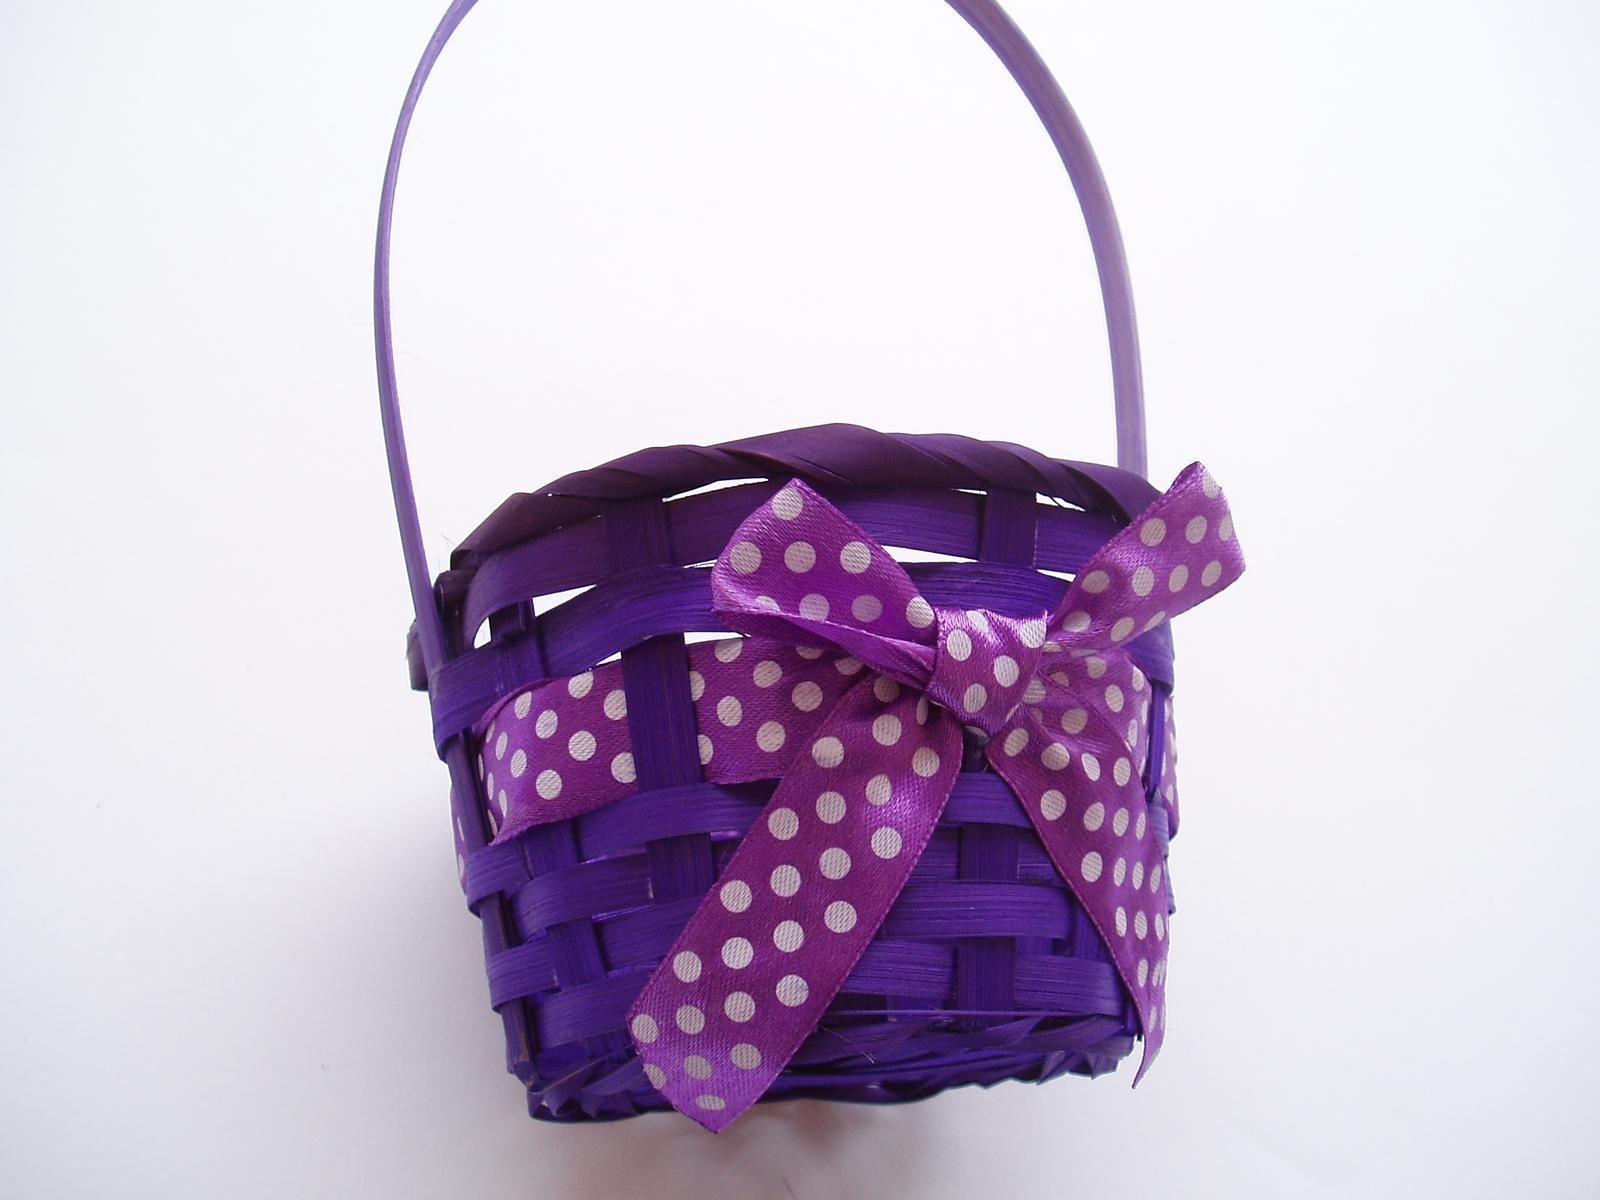 košík fialový 2 - Obrázek č. 1